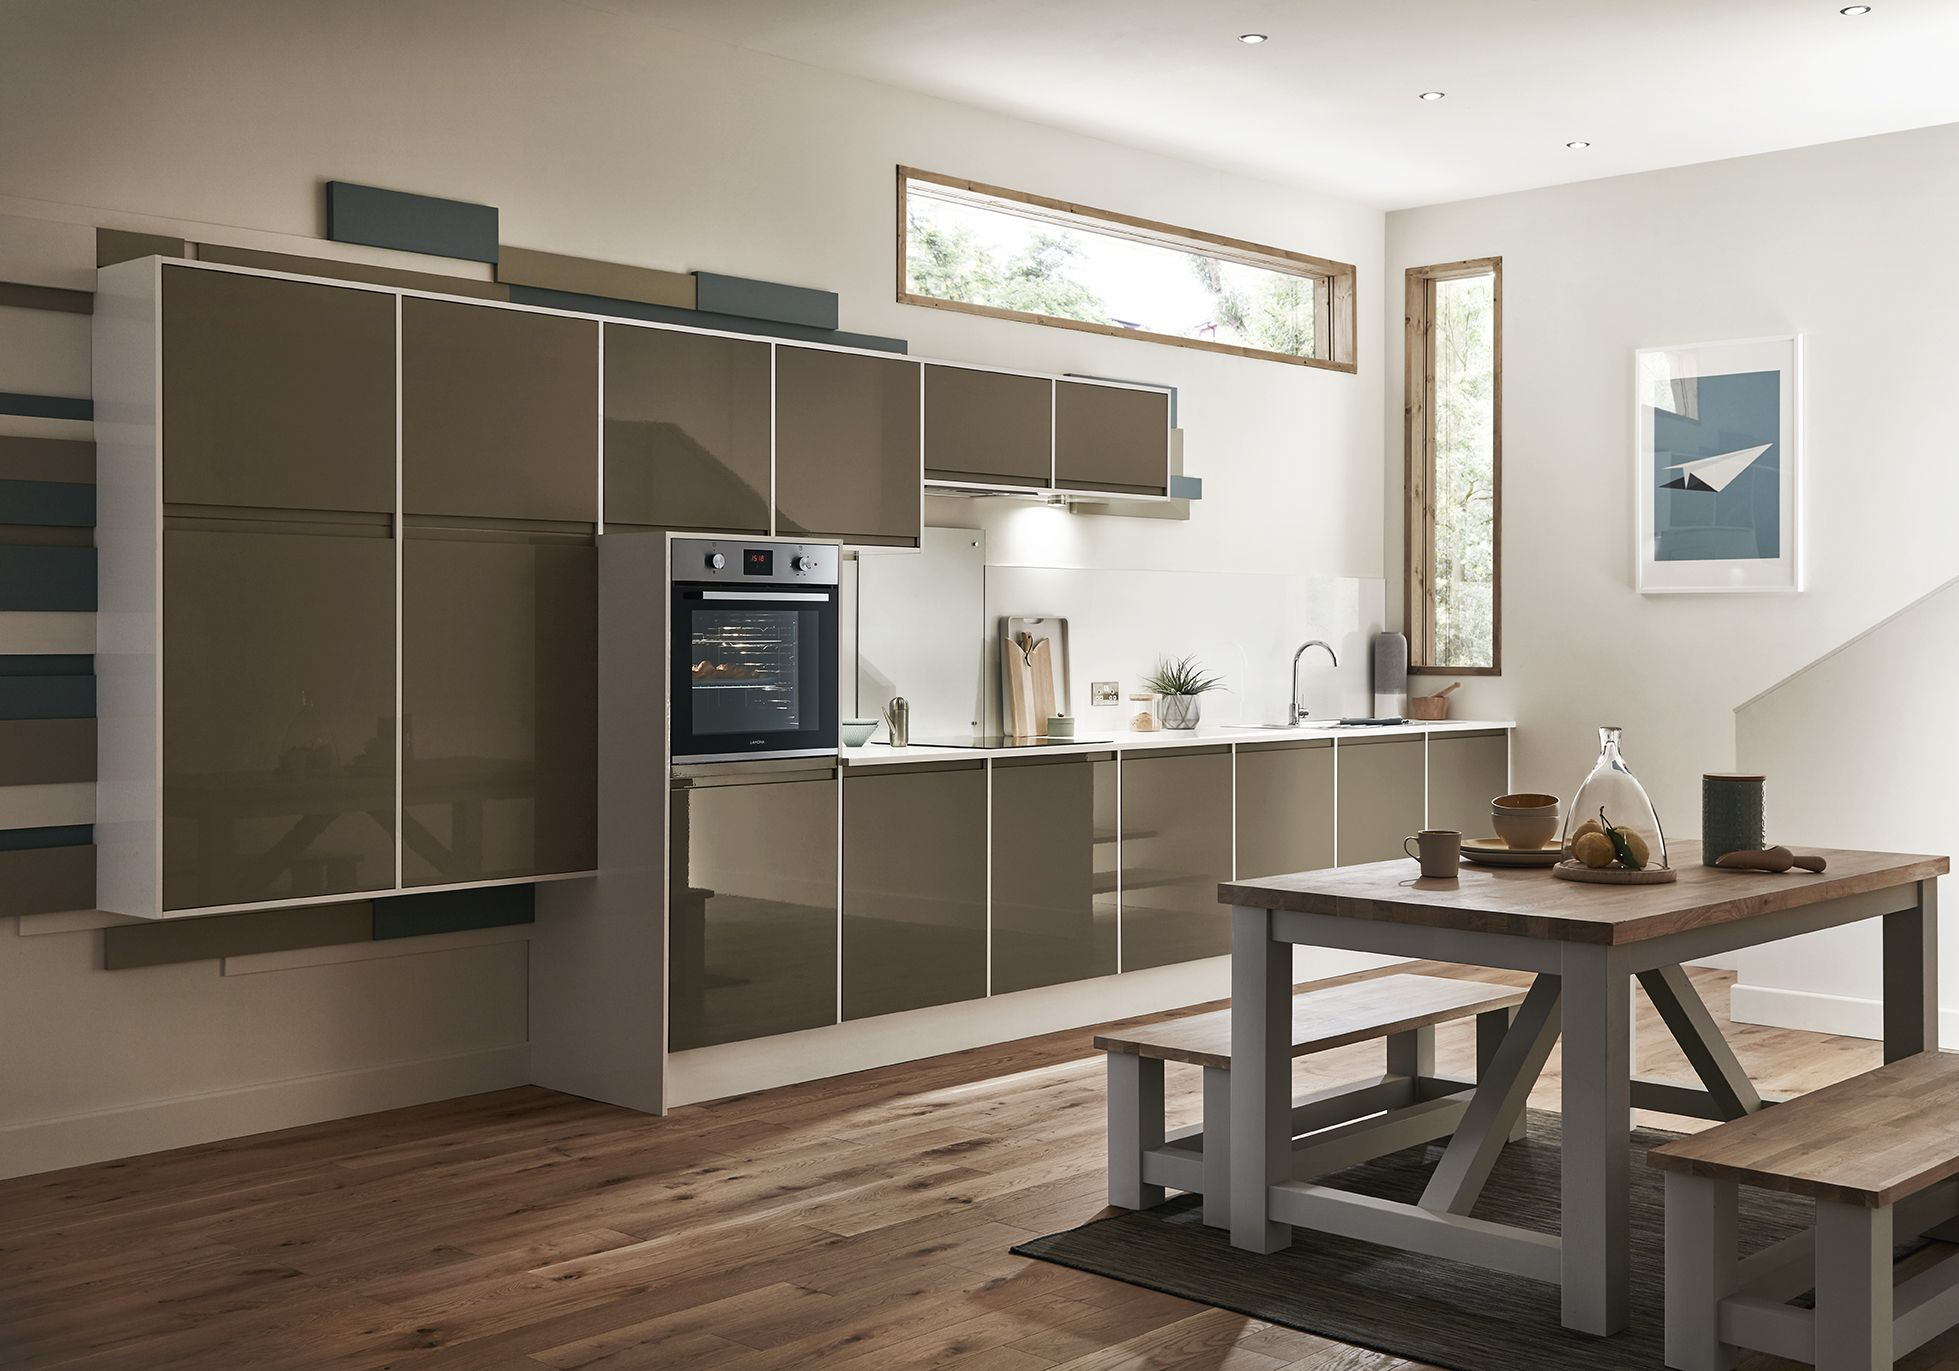 natural uno white high gloss kitchen design interior | Kitchens in 2019 | Modern kitchen design, Interior design ...